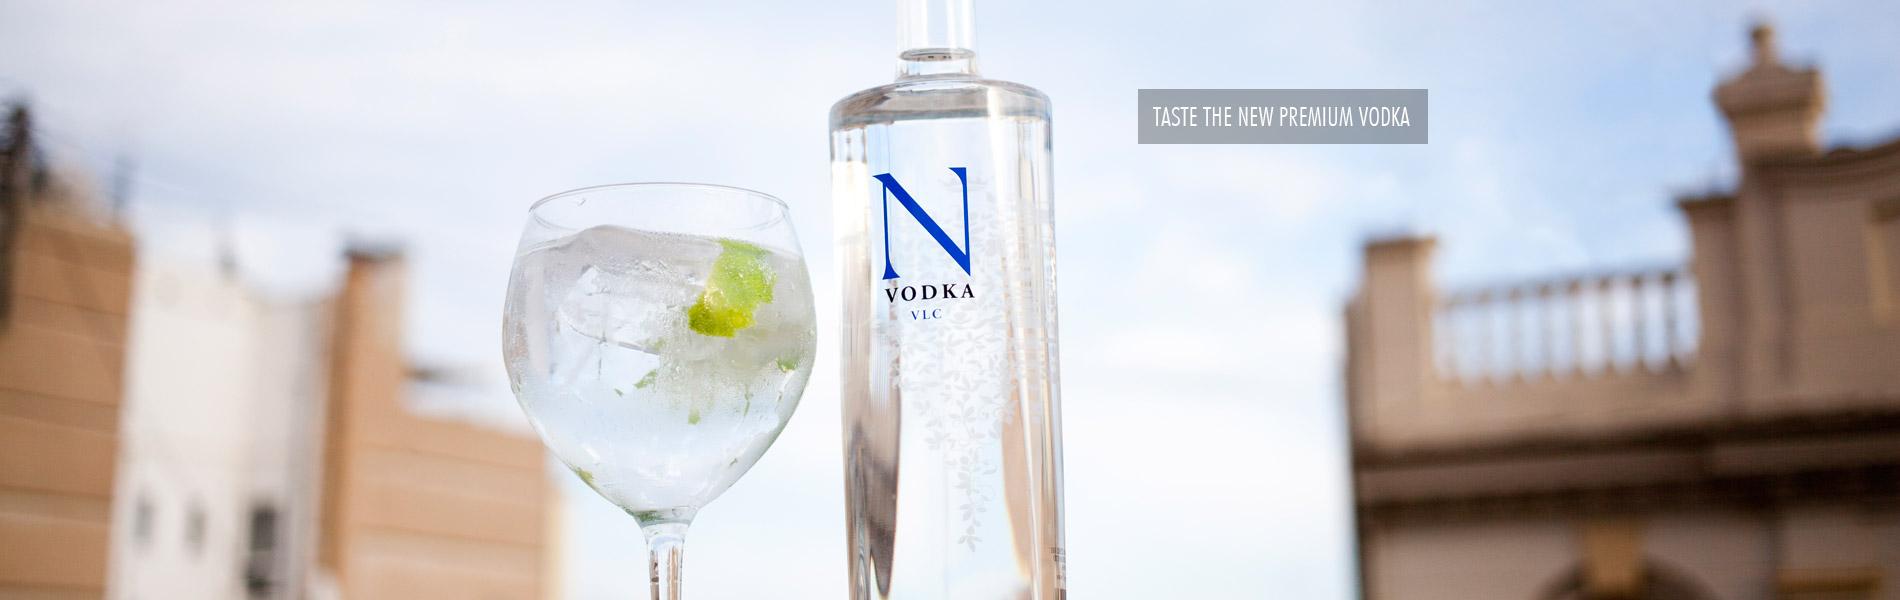 N VDOKA VLC premium vodka